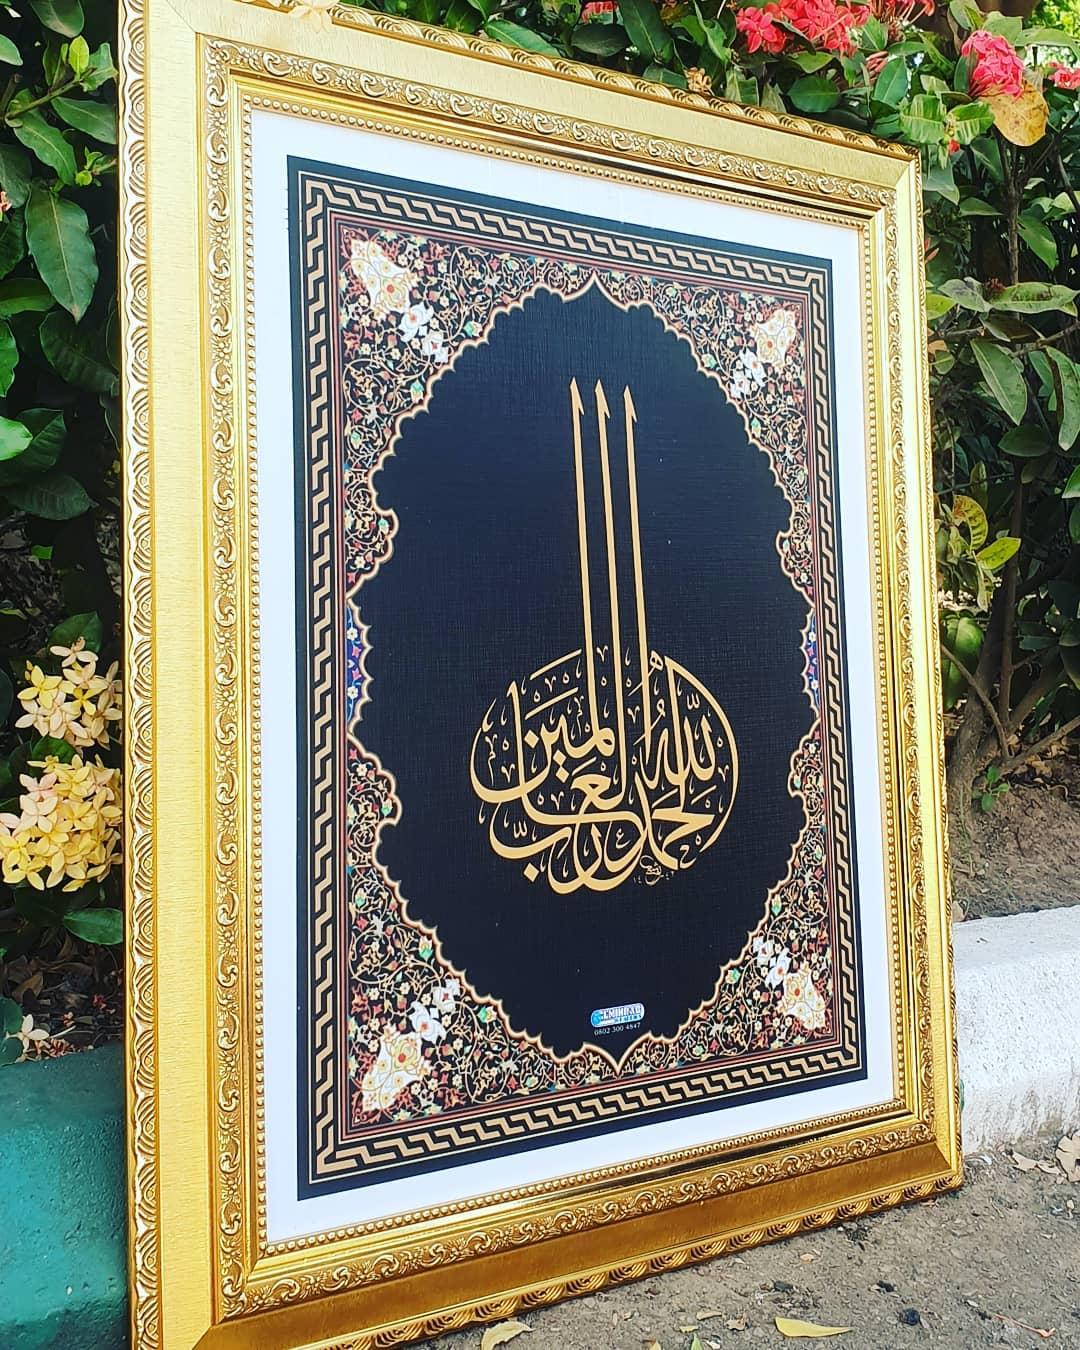 Donwload Photo Khat Unik الحمد لله رب العالمين... - Yushaa Abdullah 1